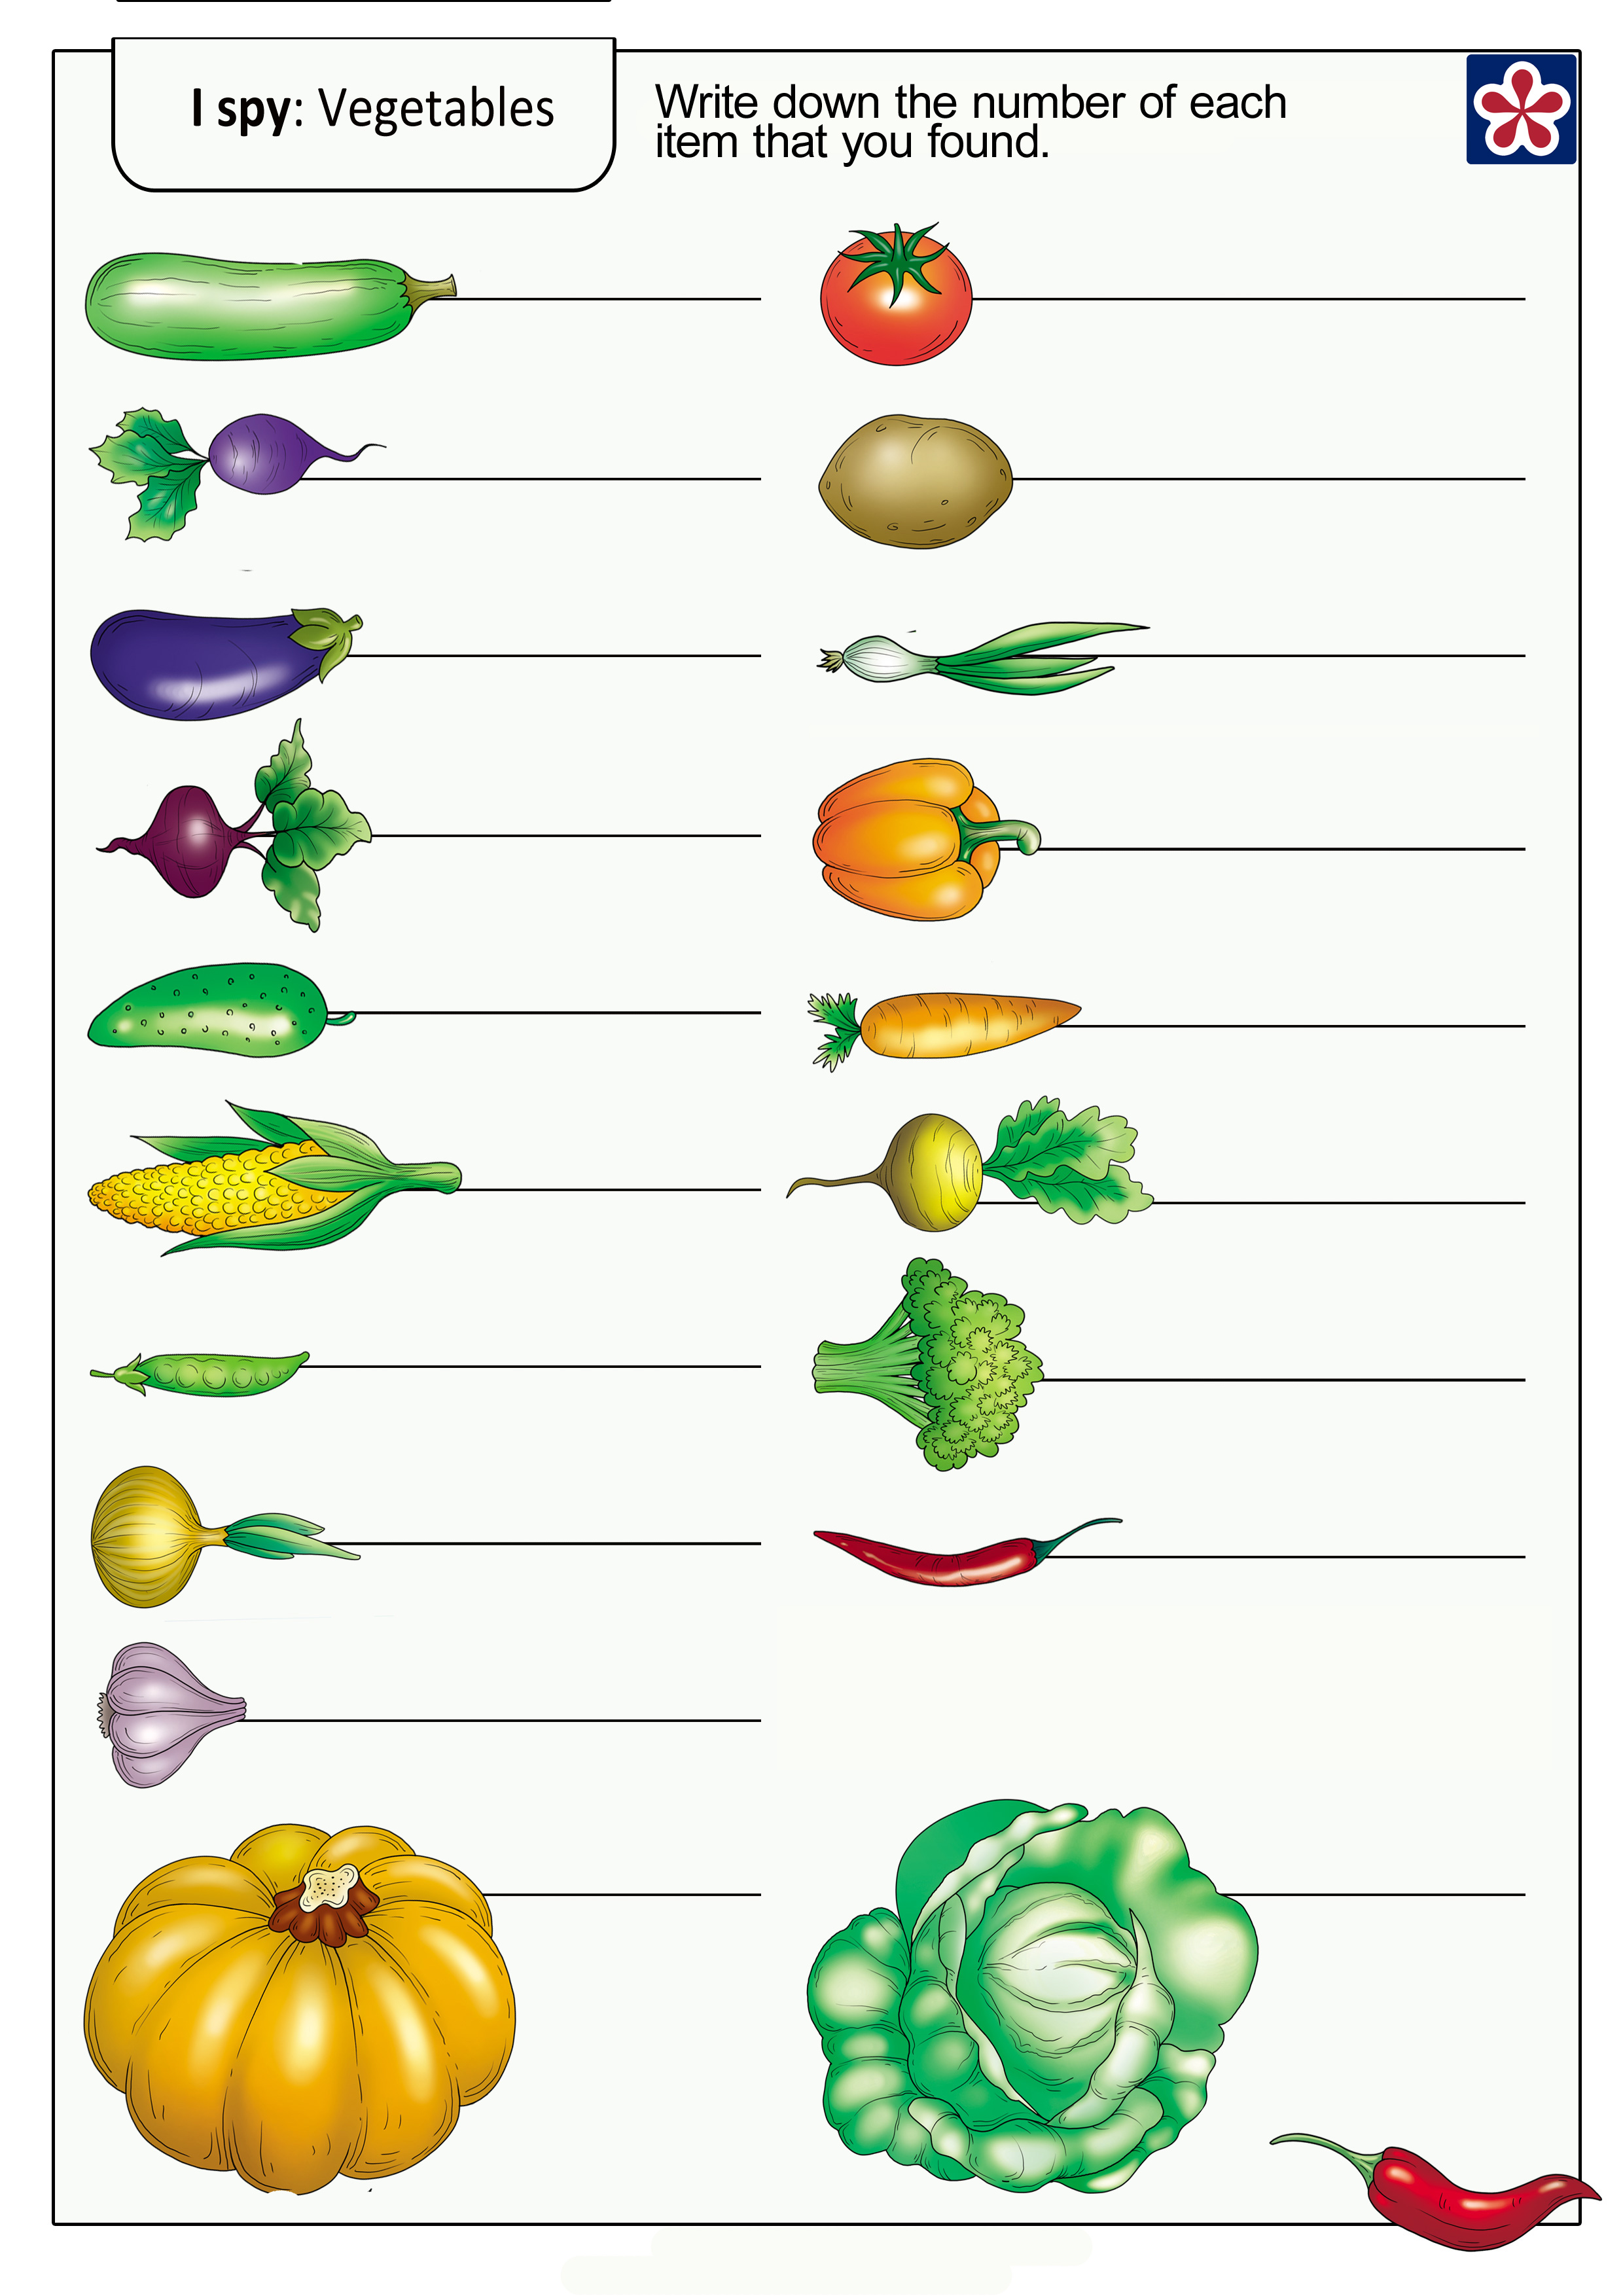 I Spy Game Vegetables Worksheets For Preschoolers